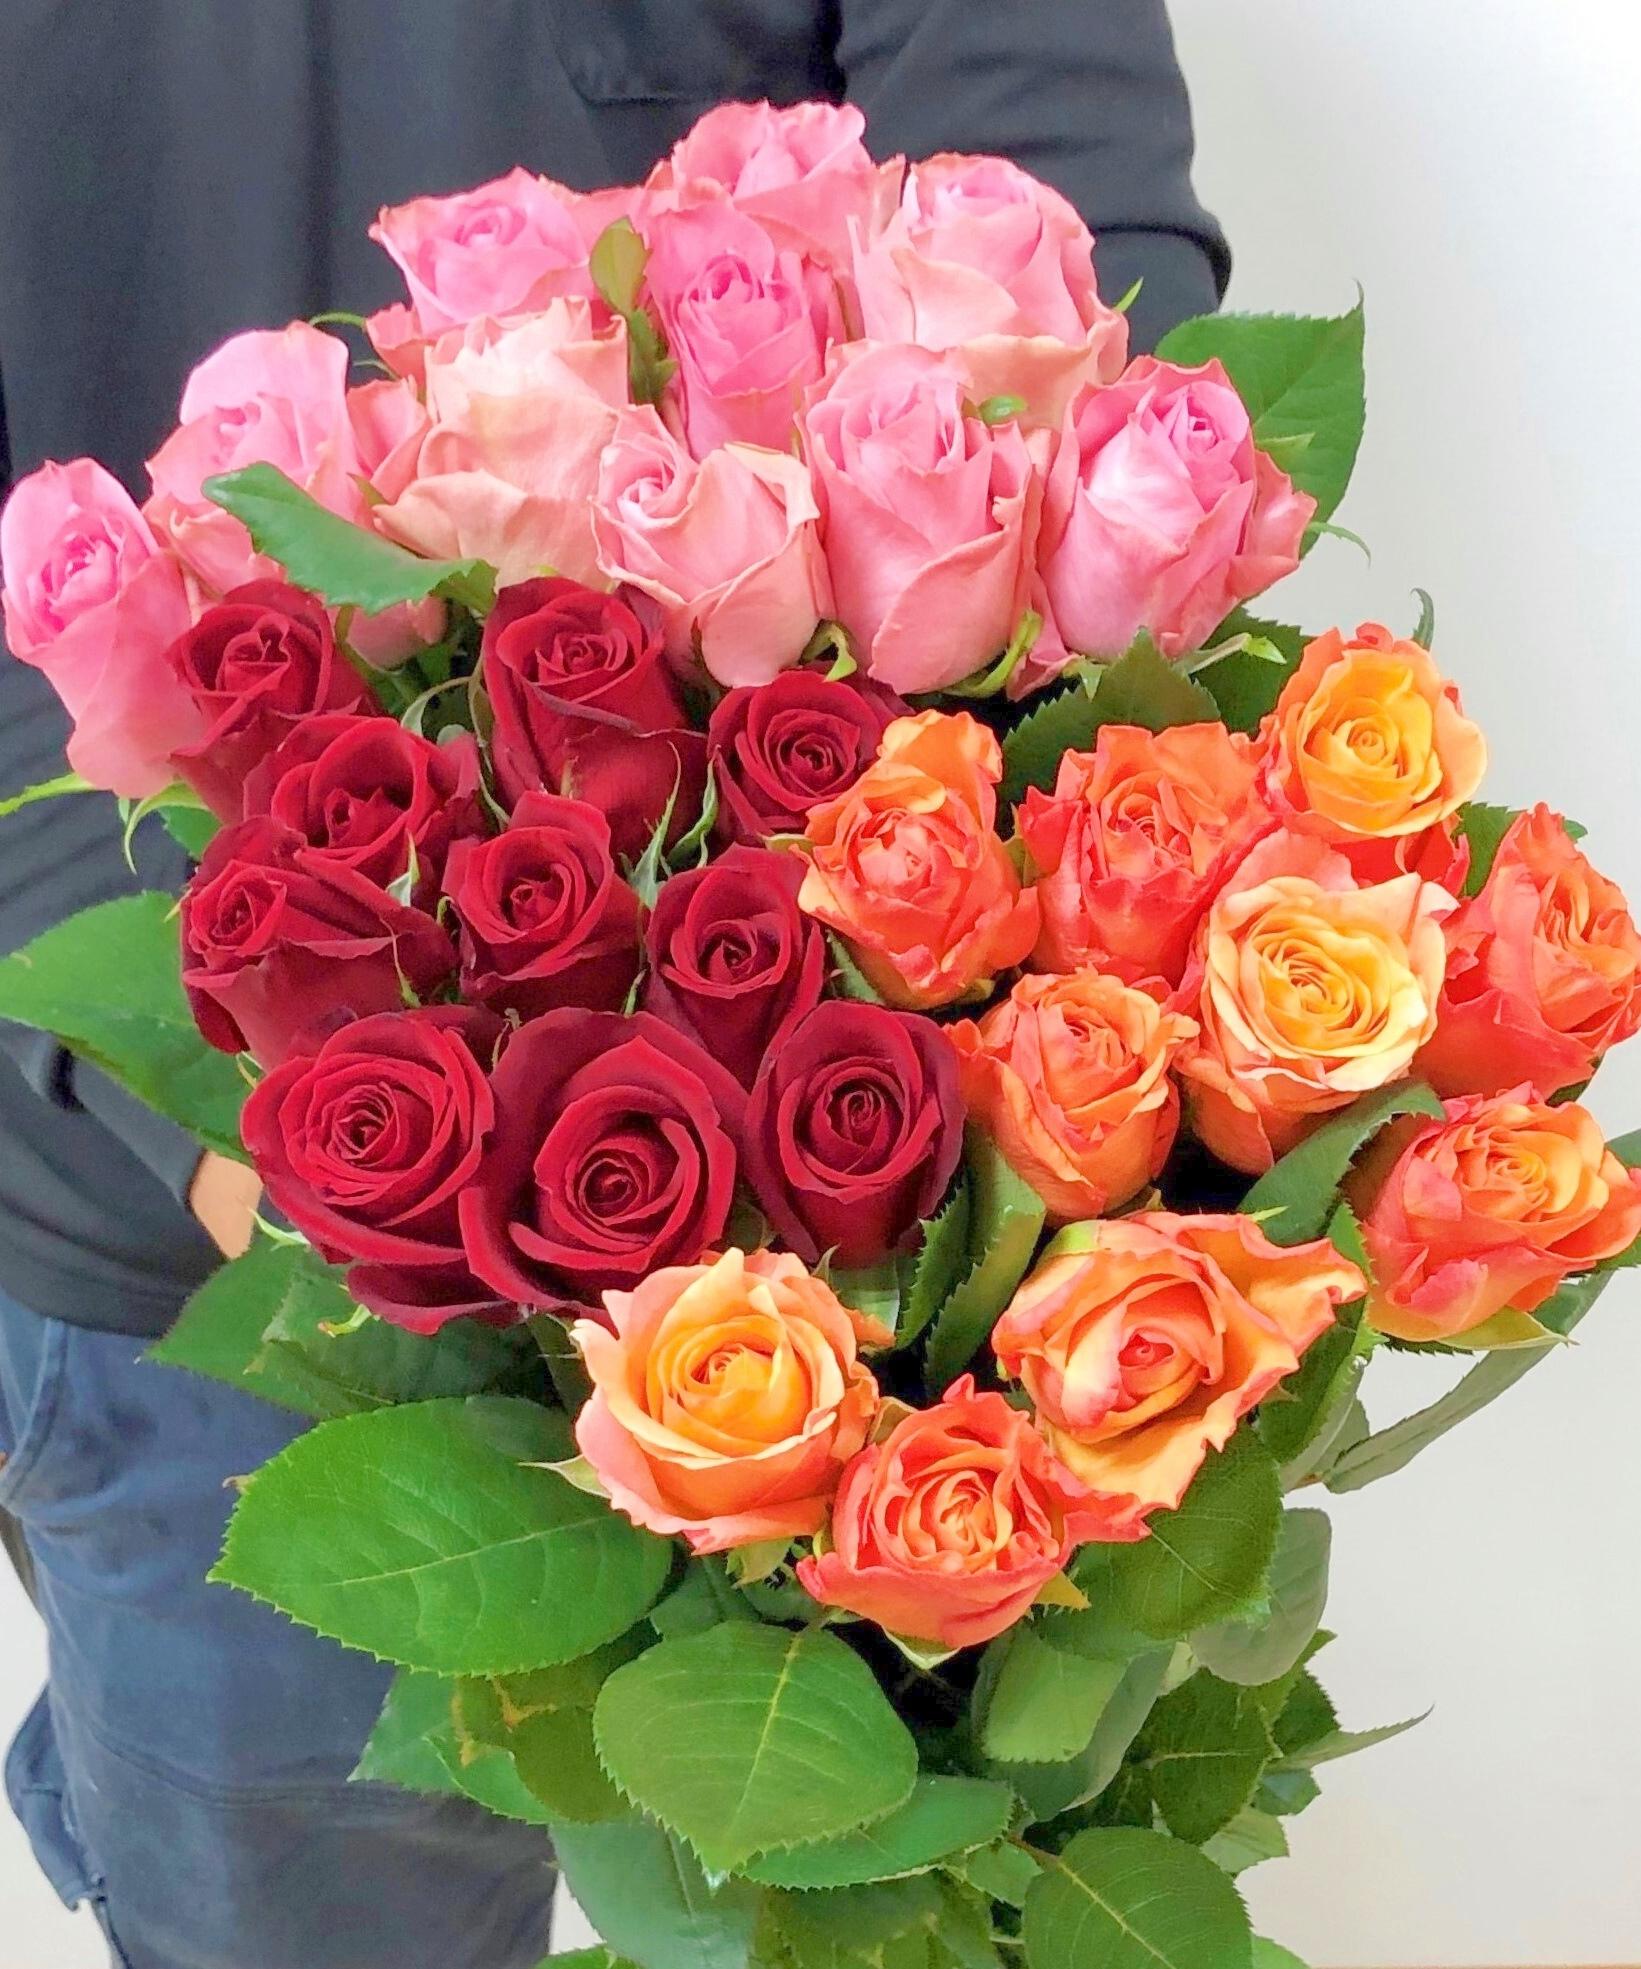 ★送料無料(クール便)厳選バラ!Fujiwara3色ミックス(赤・ピンク・オレンジ)30本! 【ロスフラワー救済!】